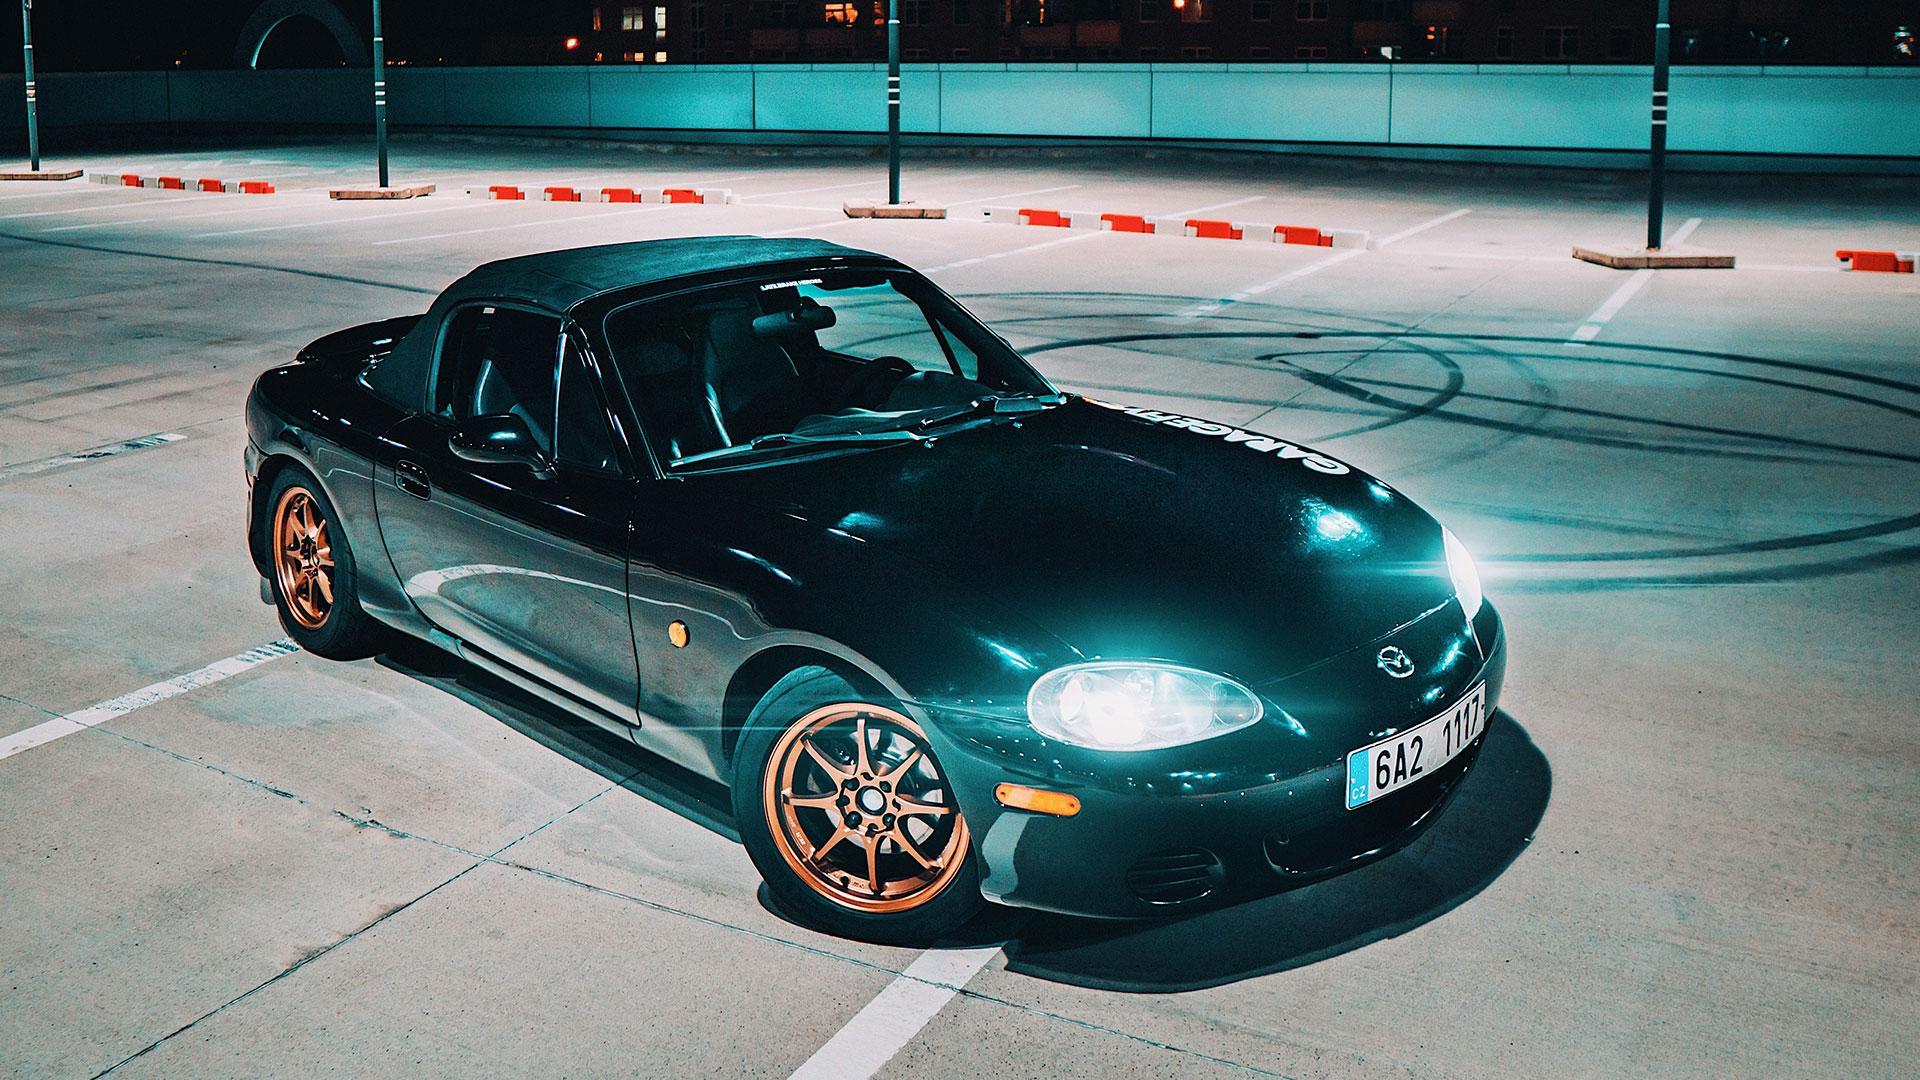 Mazda MX-5 NB met slipsporen op het parkeerterrein